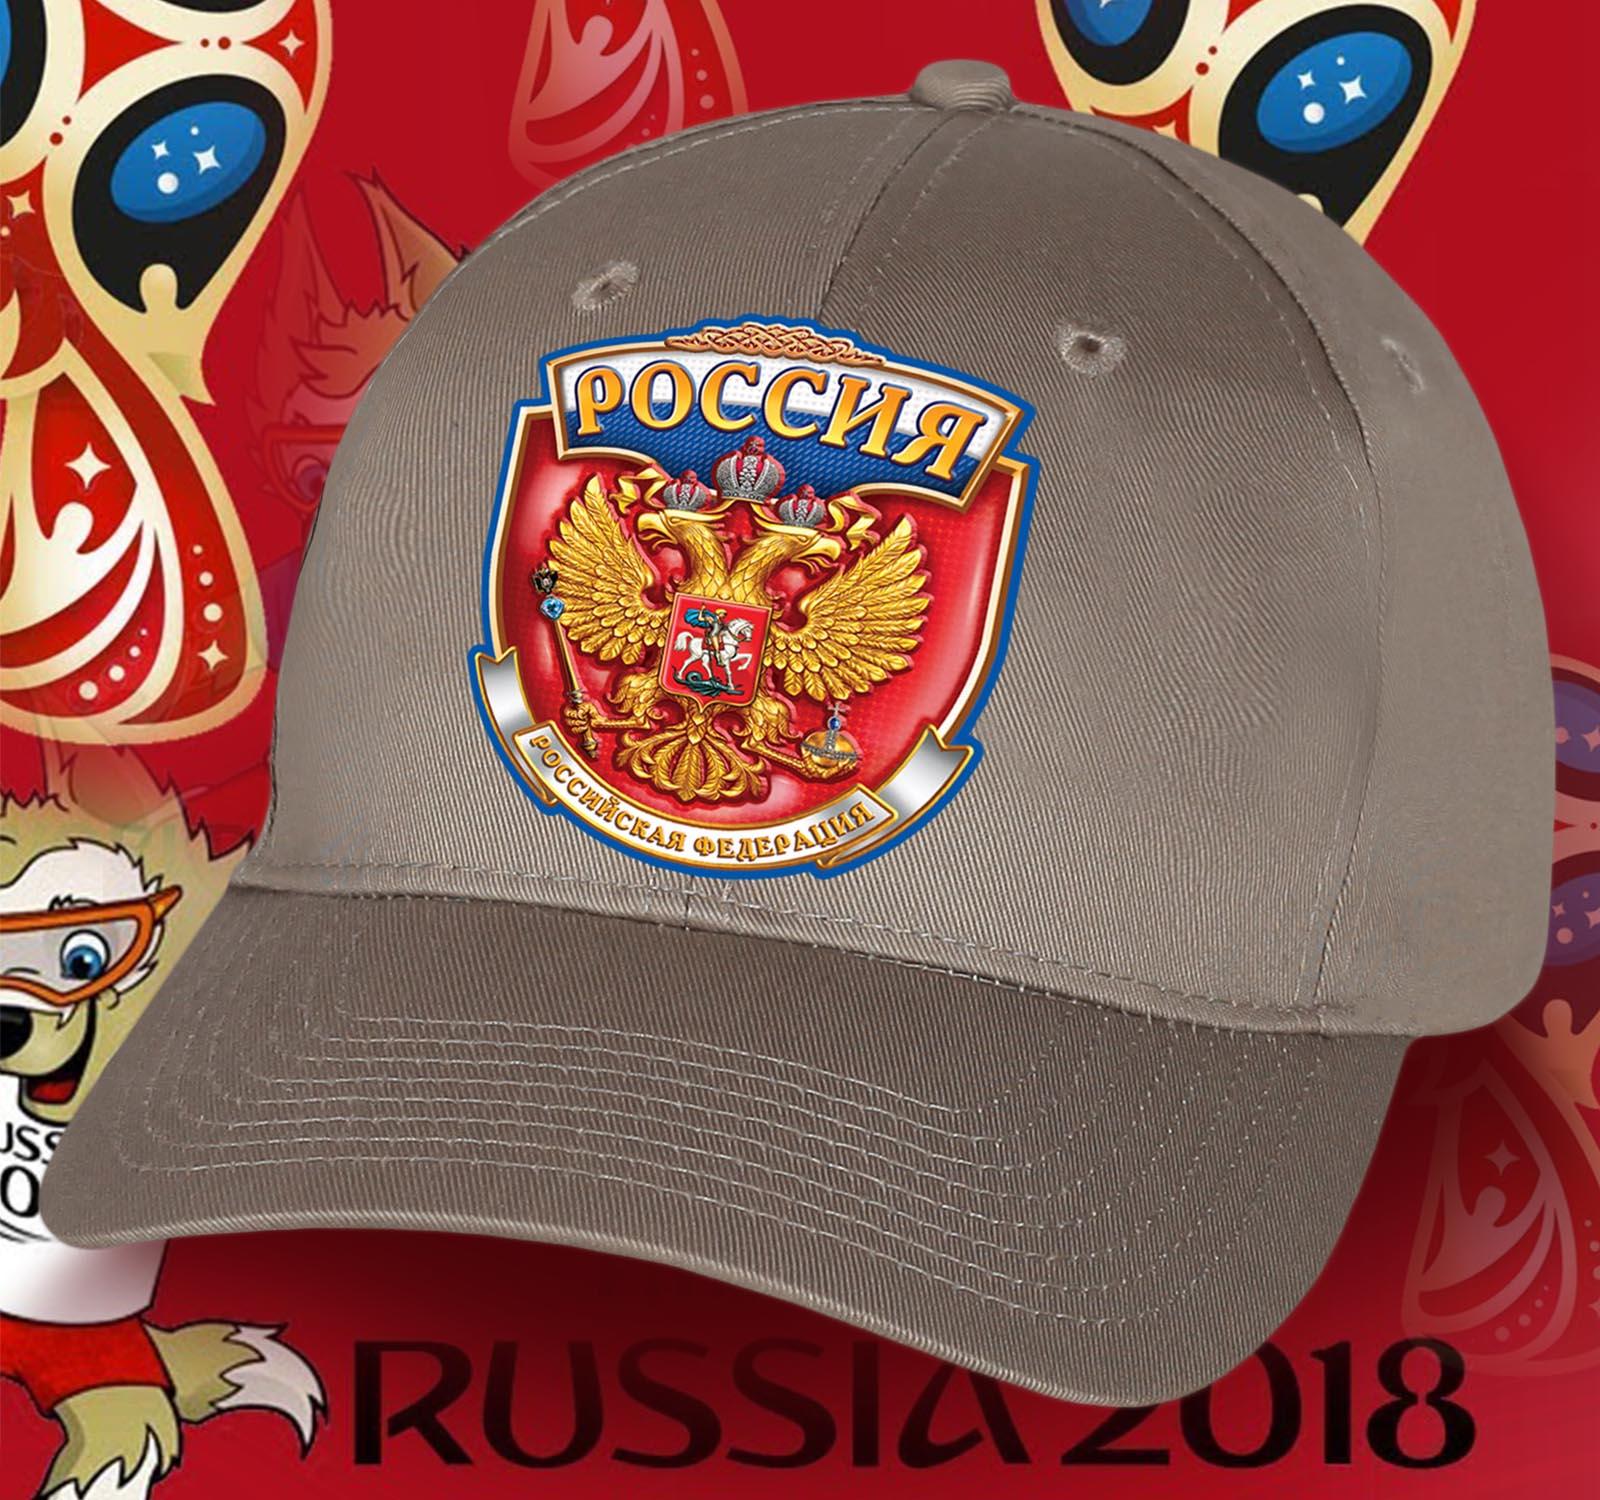 Бейсболка фаната с гербом России. Специально к Чемпионату мира по футболу